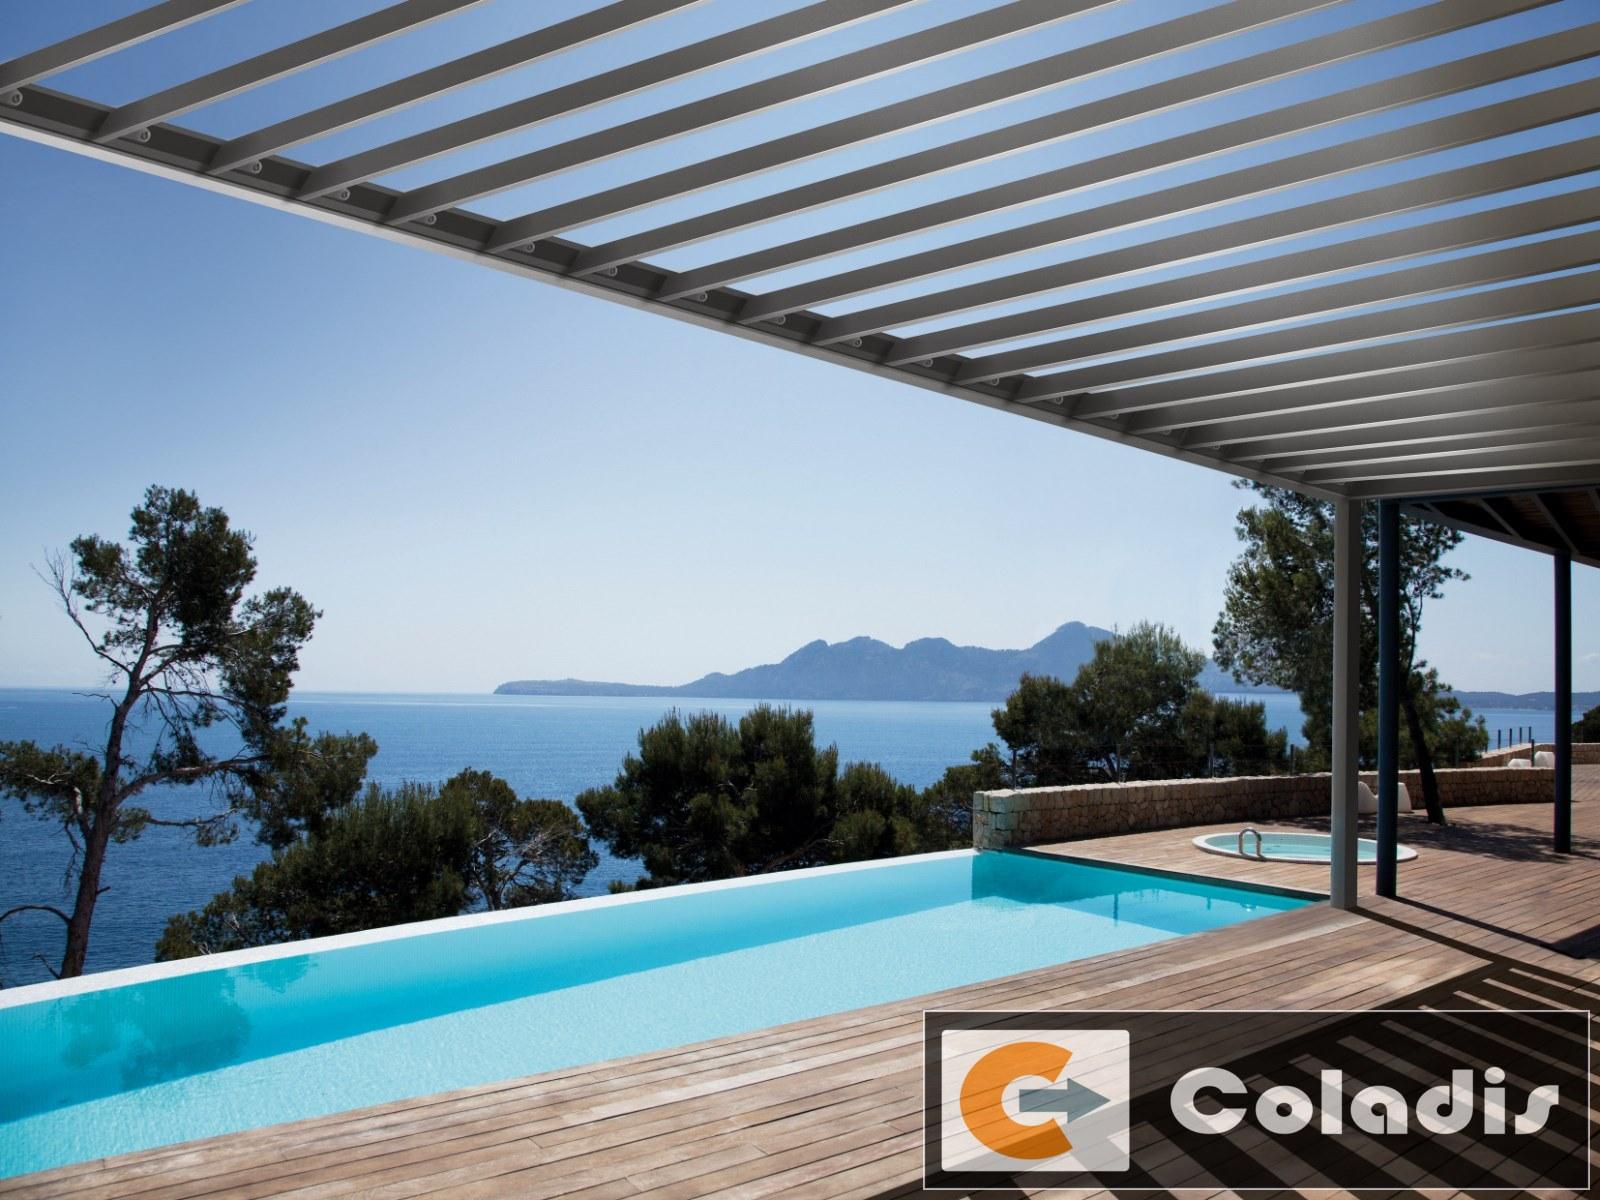 Coladis pergola wallis outdoor profils systemes